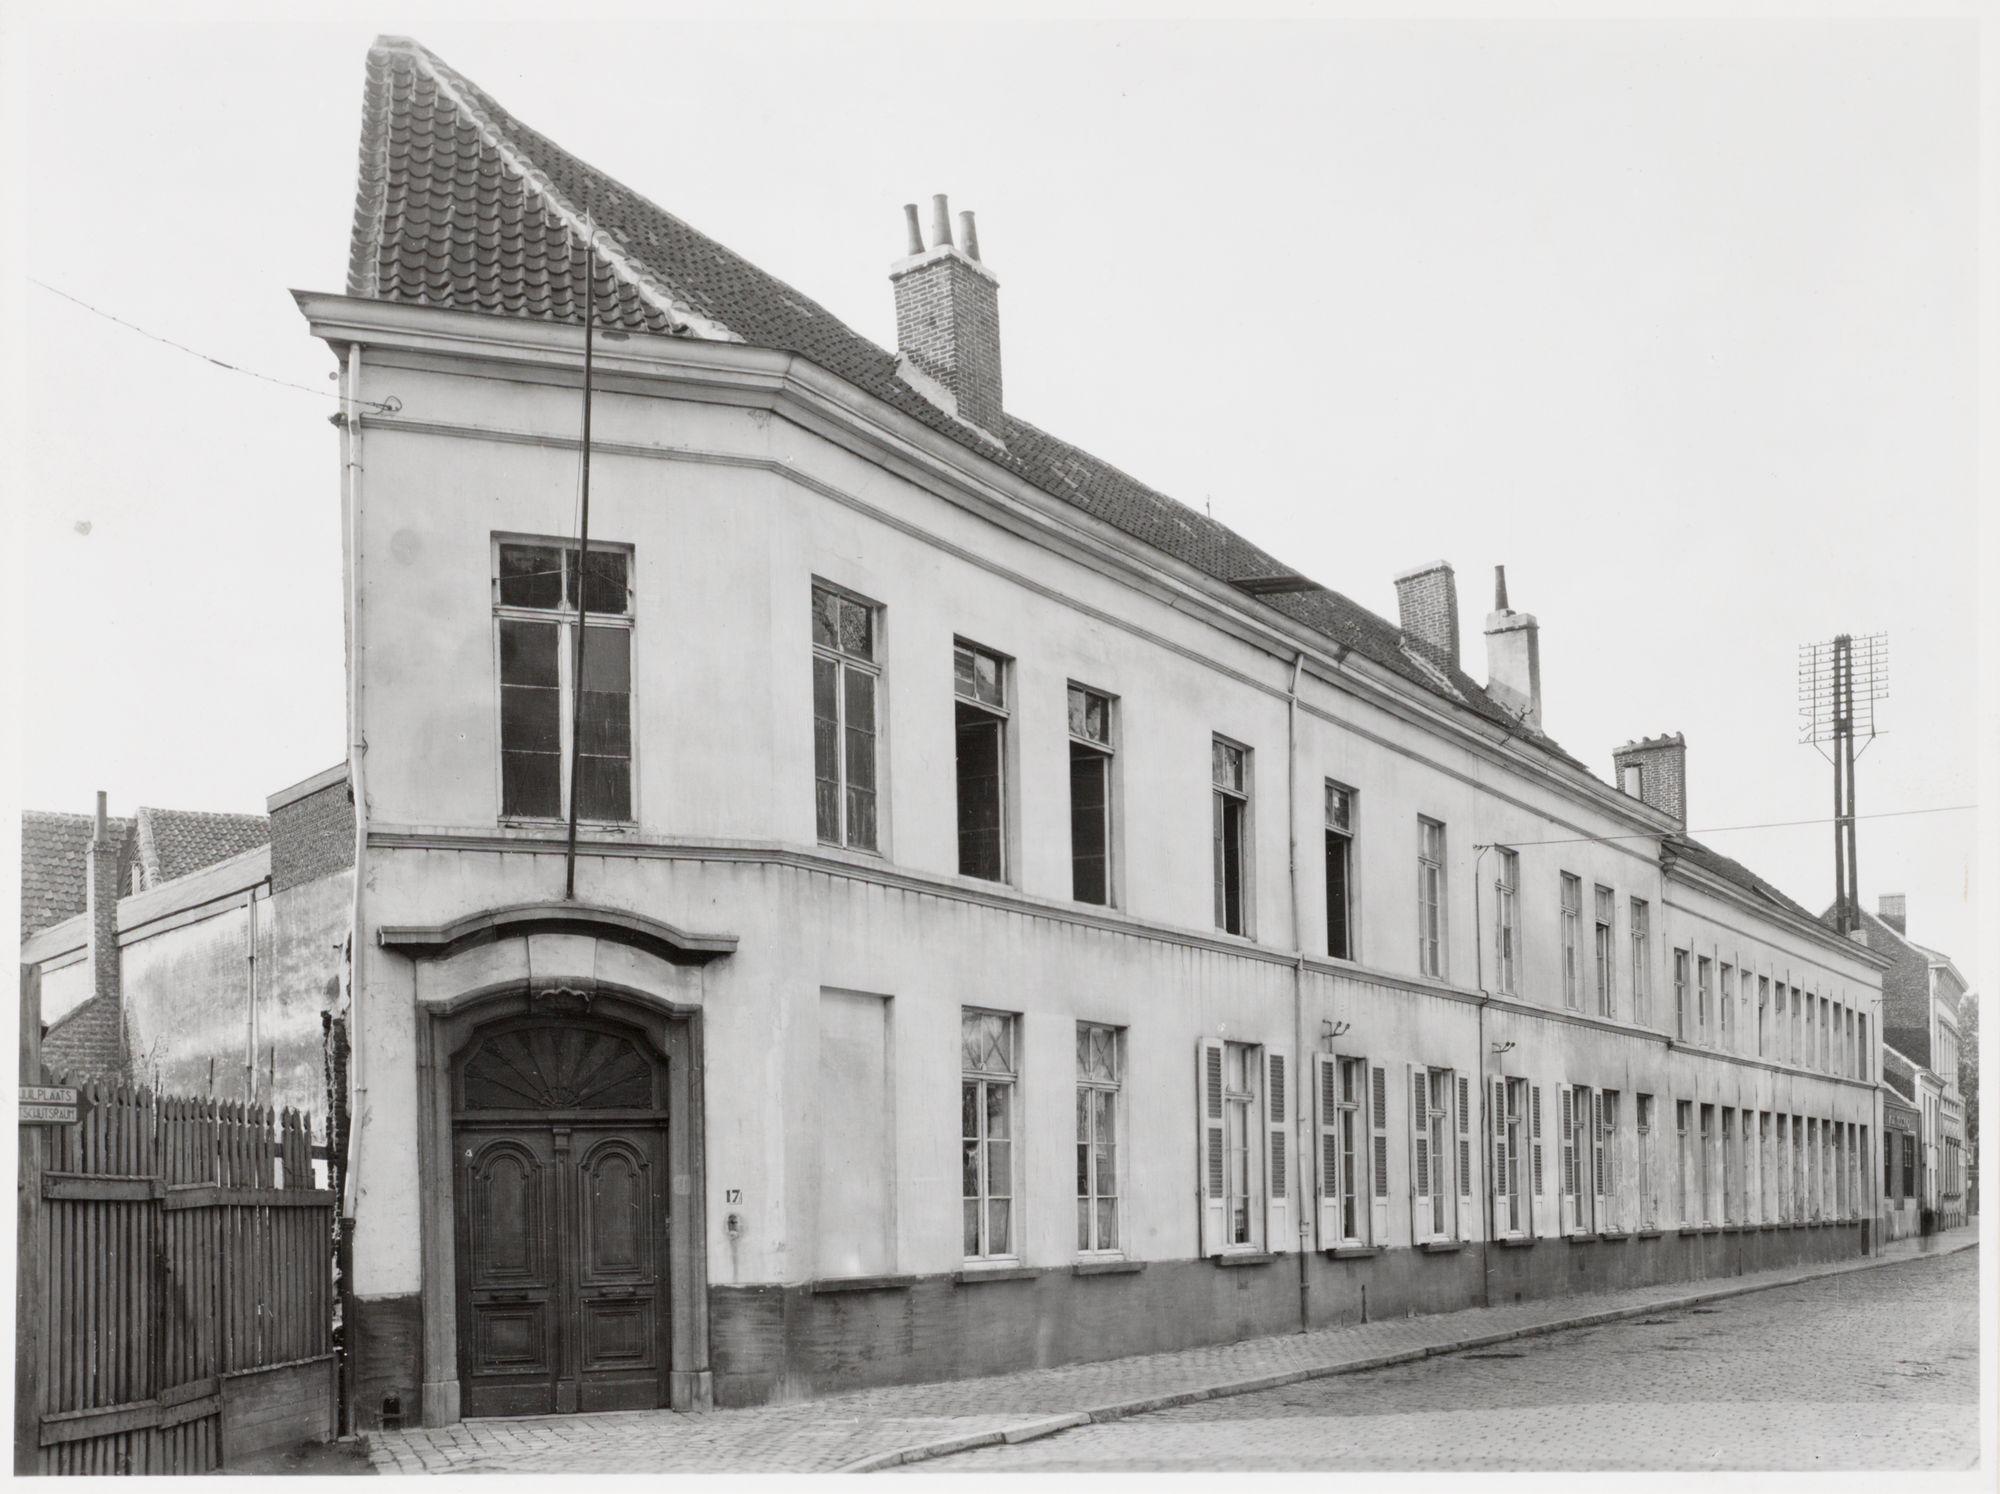 Gent: Rodelijvekensstraat 17